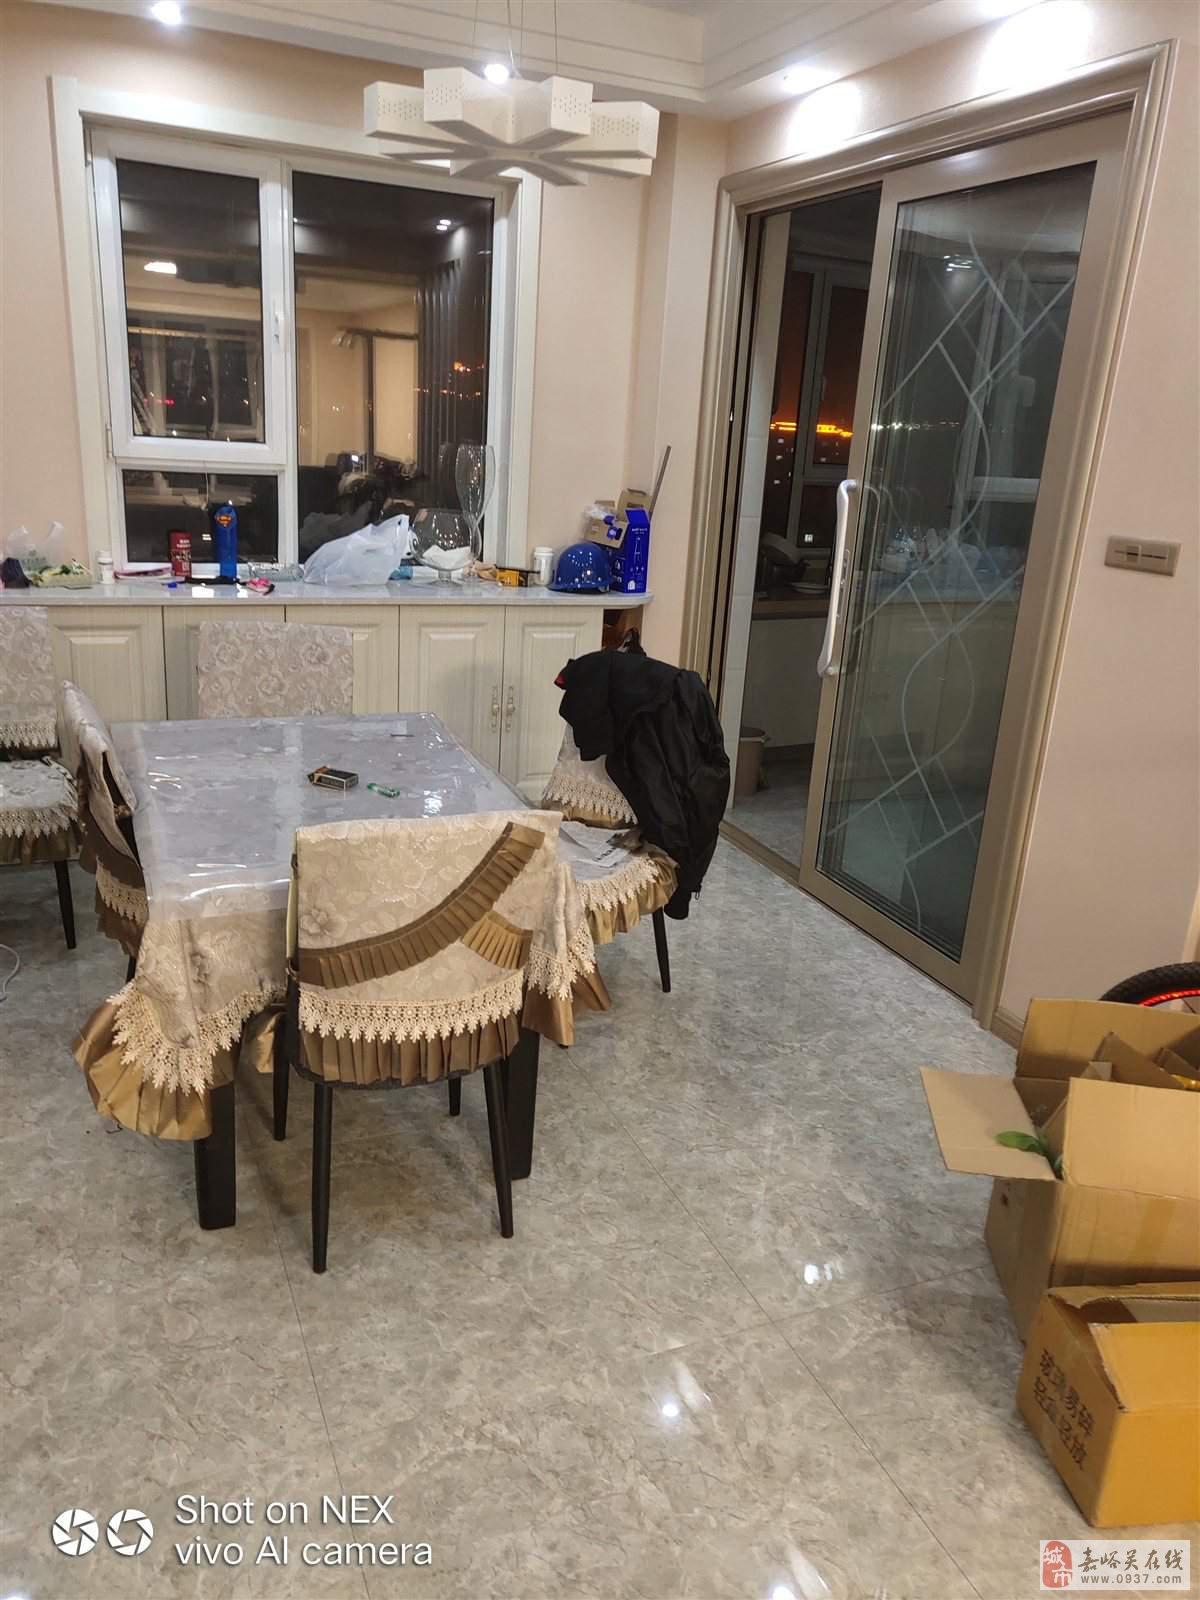 阳光金水湾7楼3室2厅1卫78万元